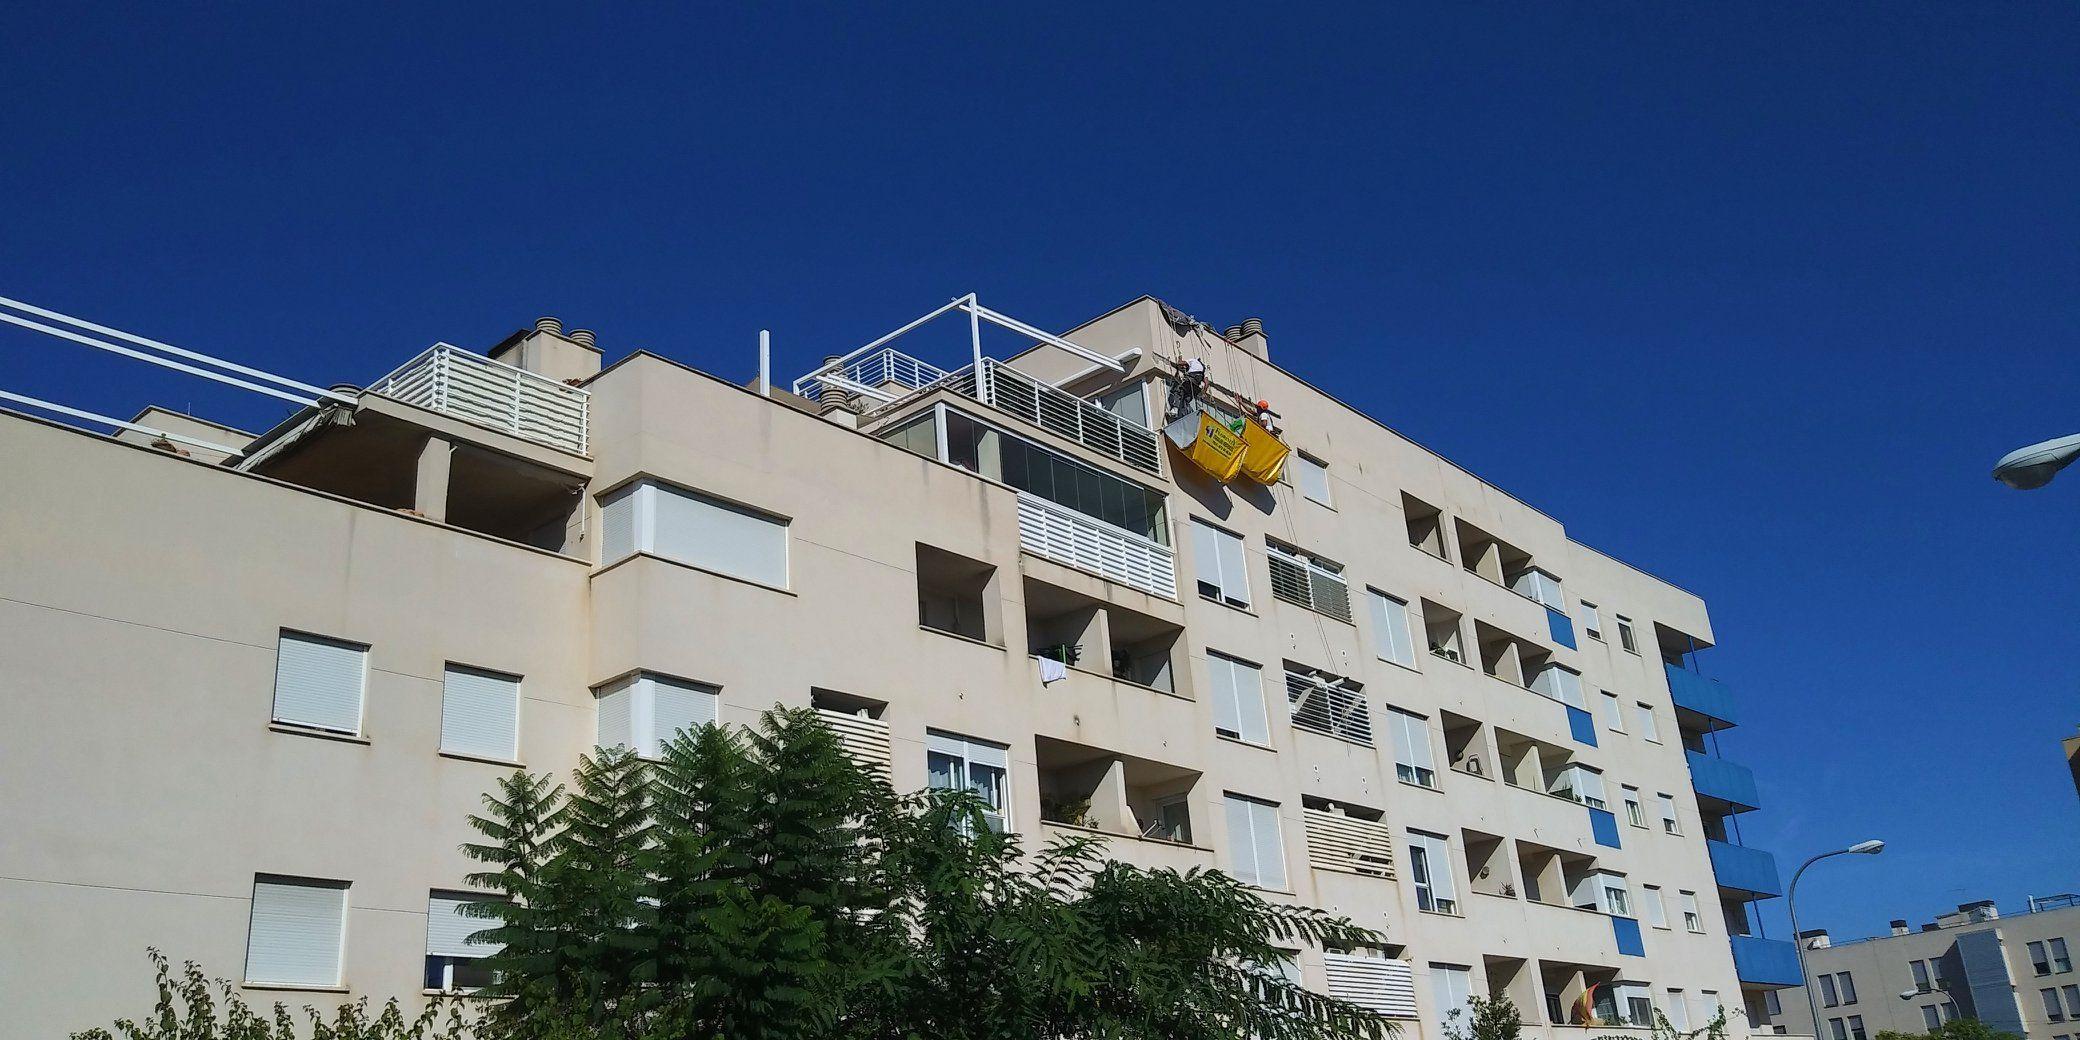 Foto 23 de Trabajos verticales en Palma de Mallorca   Trabajos Verticales Florinity